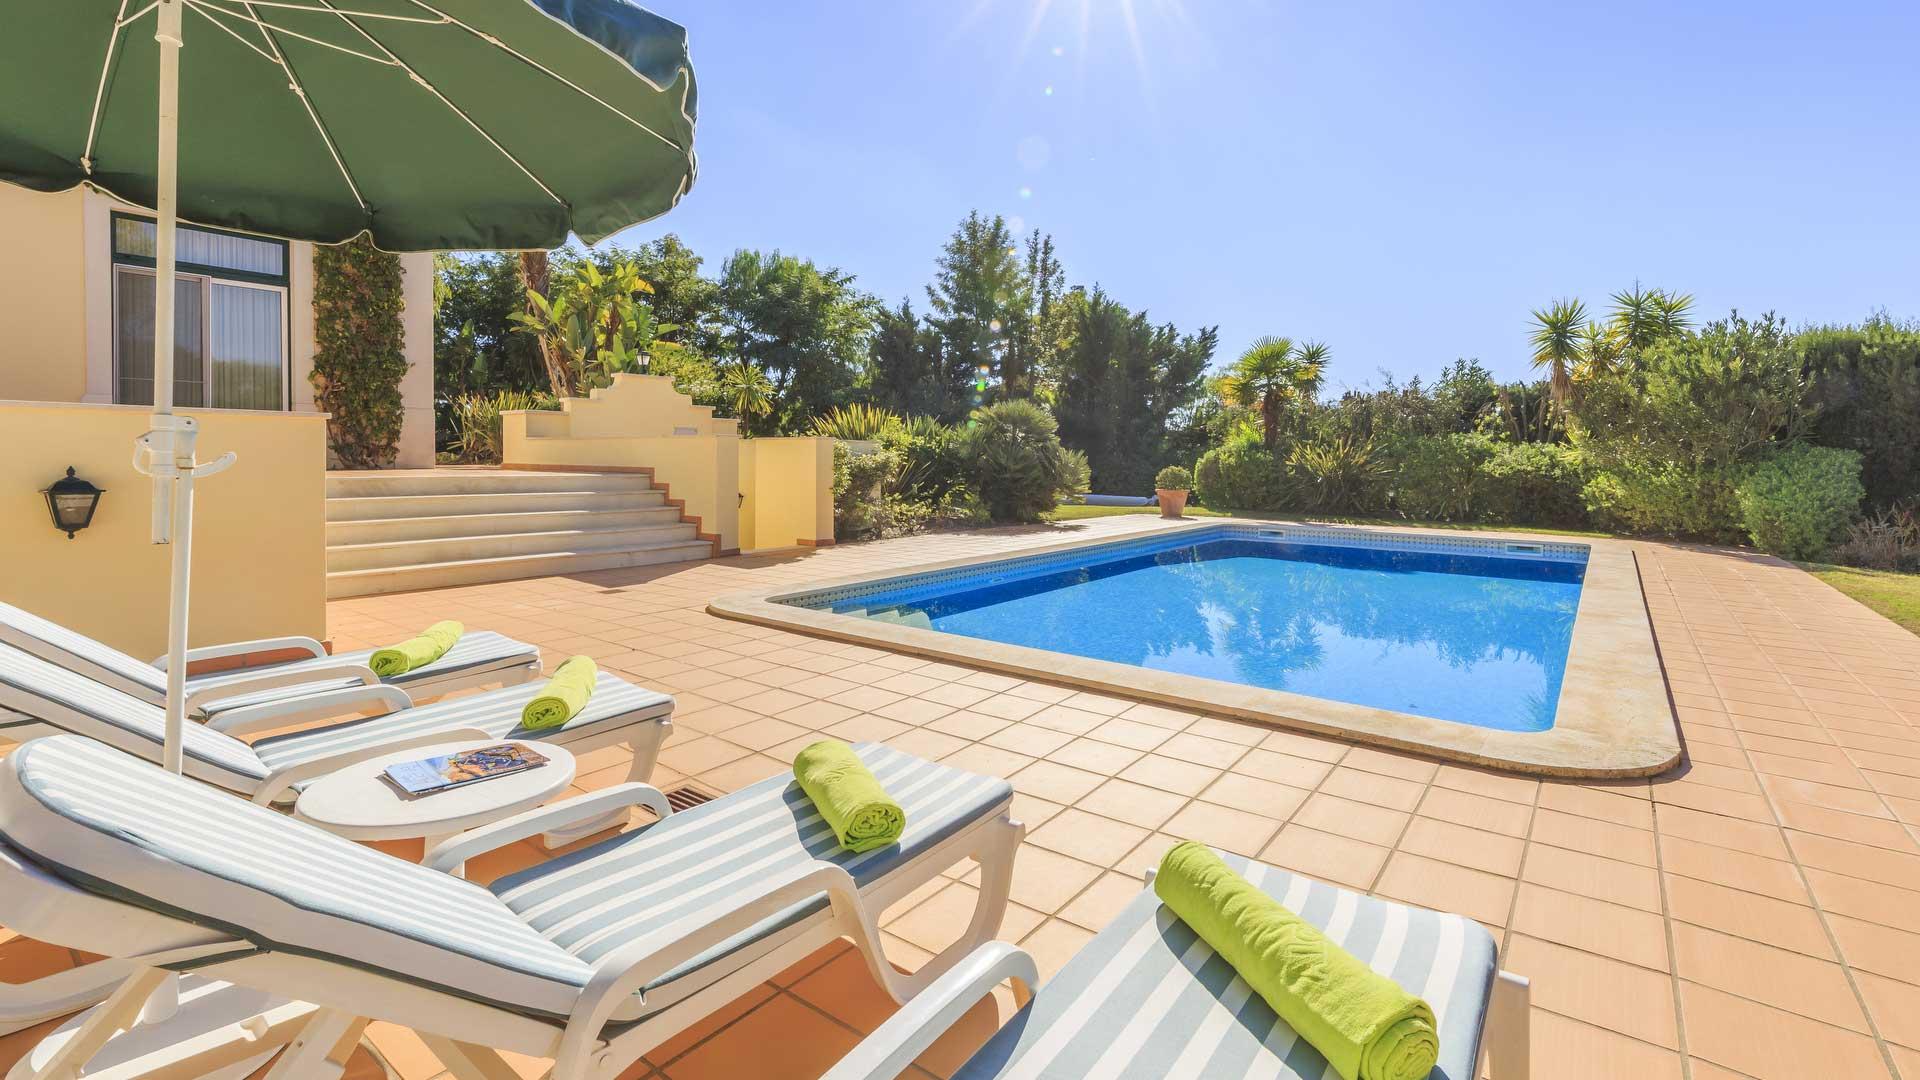 Villa warmi alquiler de casa en algarve vale do lobo villanovo - Alquiler de casas en portugal ...